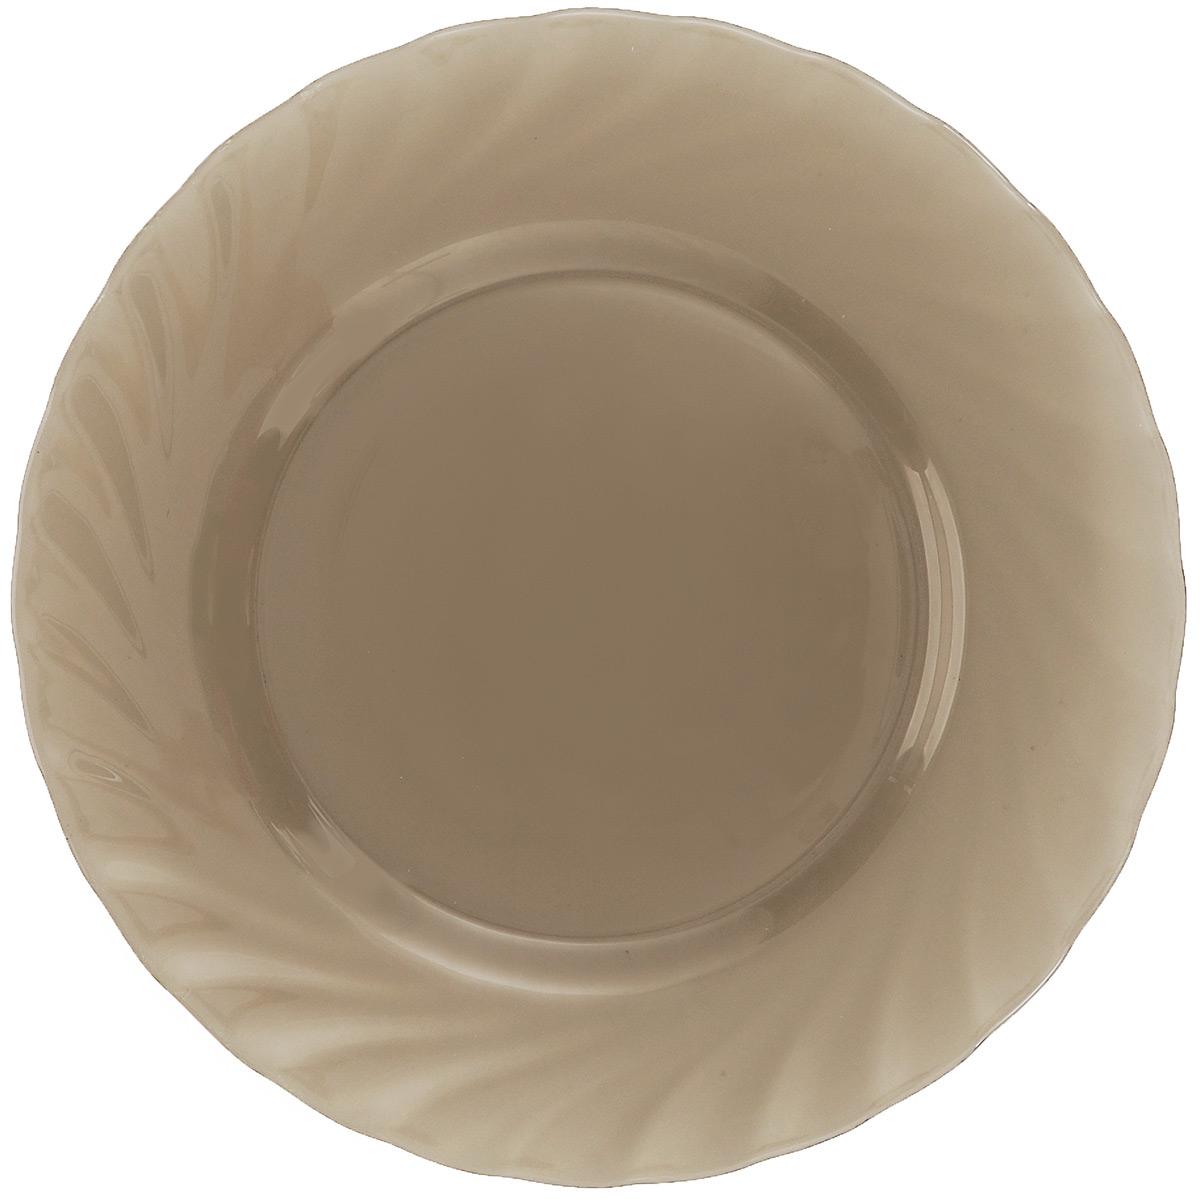 Тарелка обеденная Luminarc Ocean Eclipse, диаметр 24,5 смH0244Обеденная тарелка Luminarc Ocean Eclipse, изготовленная из высококачественного стекла, имеет изысканный внешний вид. Яркий дизайн придется по вкусу и ценителям классики, и тем, кто предпочитает утонченность. Тарелка Luminarc Ocean Eclipse идеально подойдет для сервировки стола и станет отличным подарком к любому празднику.Диаметр (по верхнему краю): 24,5 см.